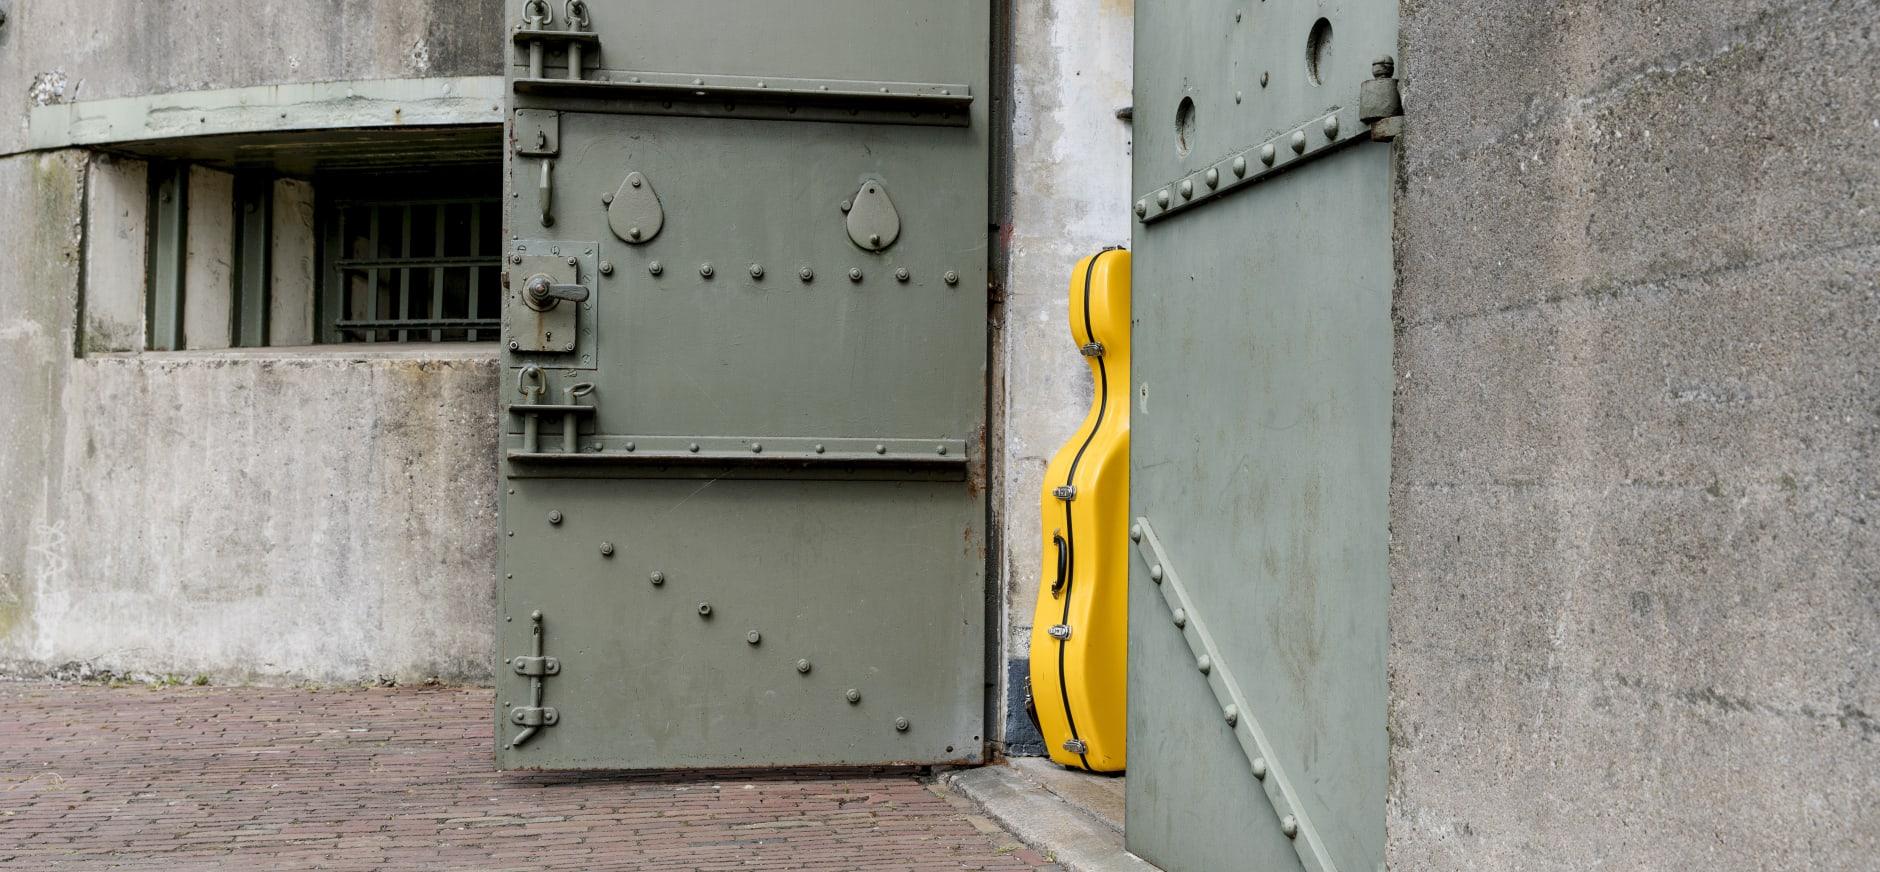 NMF Kamermuziekfestival in twee Utrechtse forten